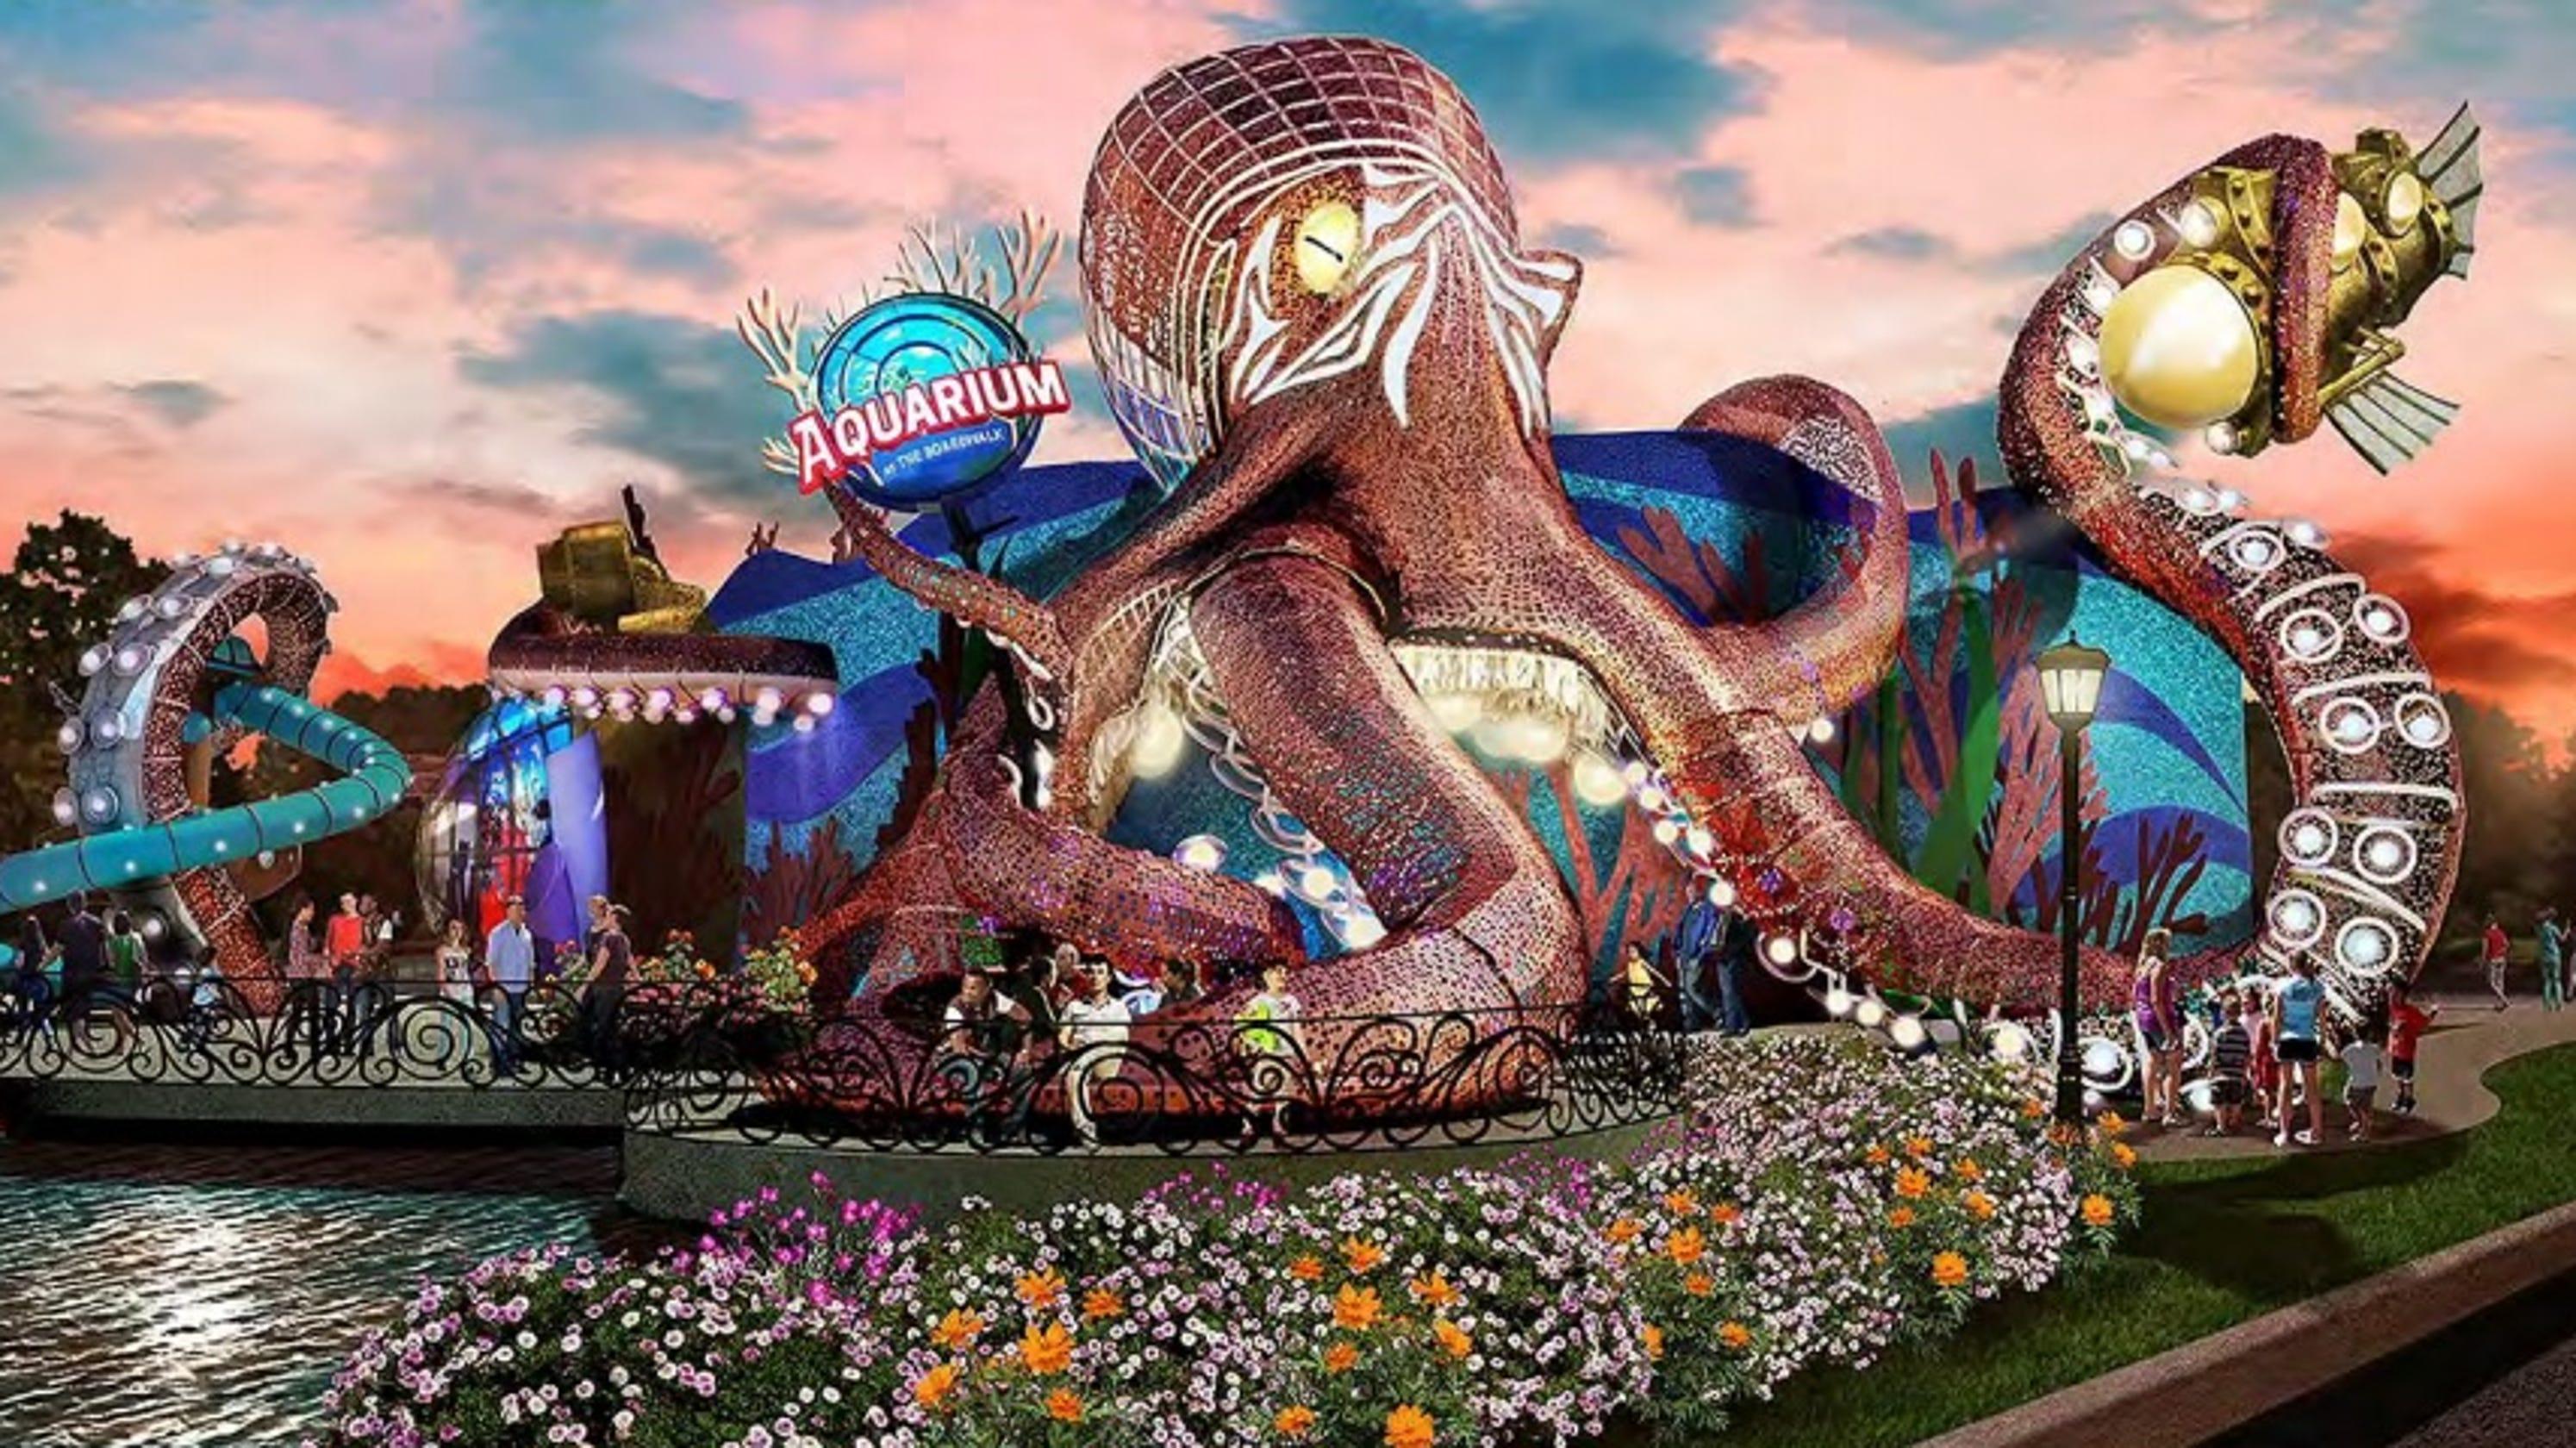 Branson could get aquarium as soon as 2020